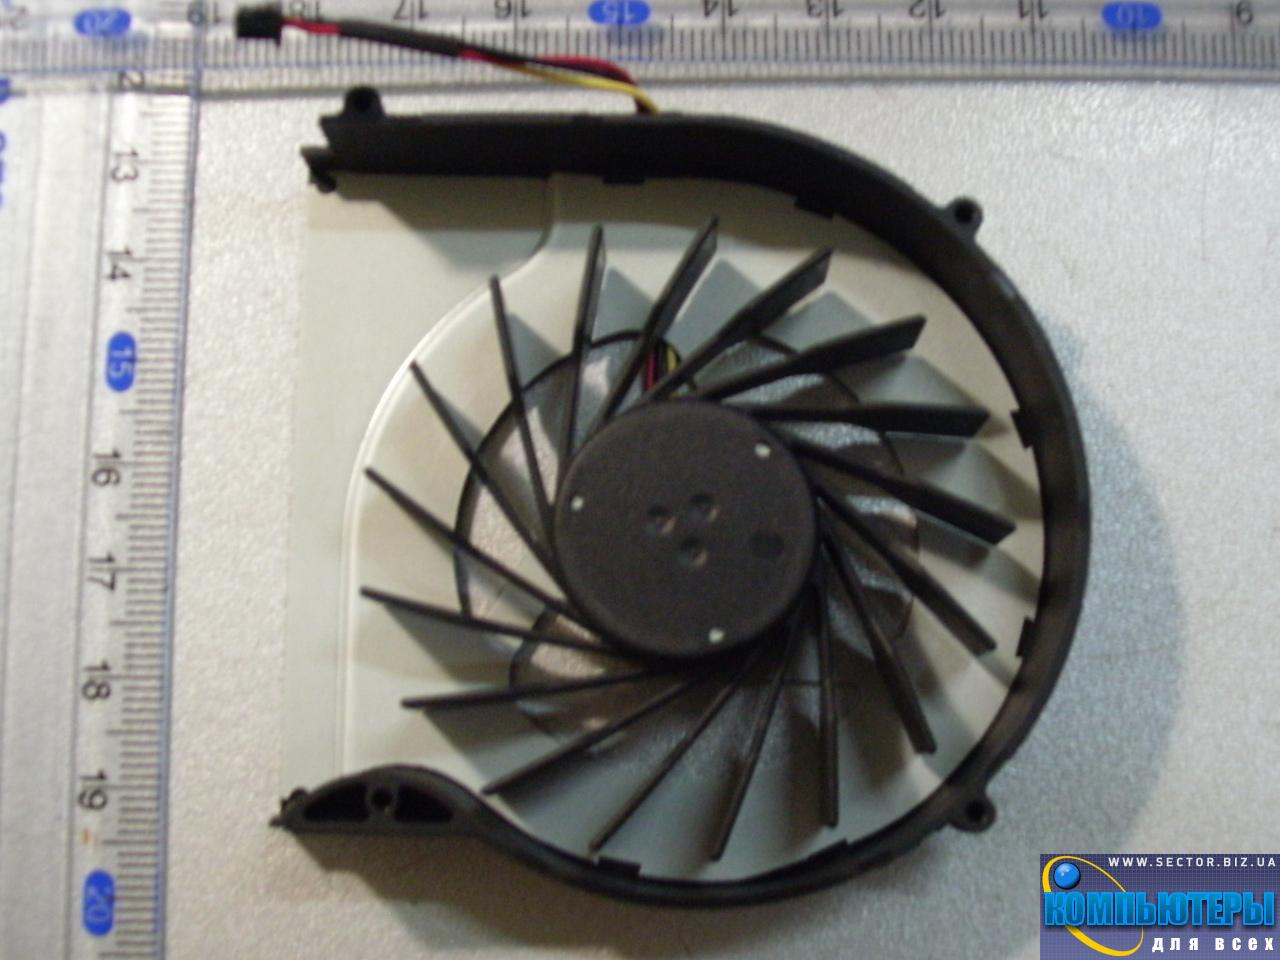 Кулер к ноутбуку HP Pavilion DV6-3000 DV6T-3000 DV7-4000 DV7T-4000 DV7-4100 p/n: KSB0505HA-9J99. Фото № 1.